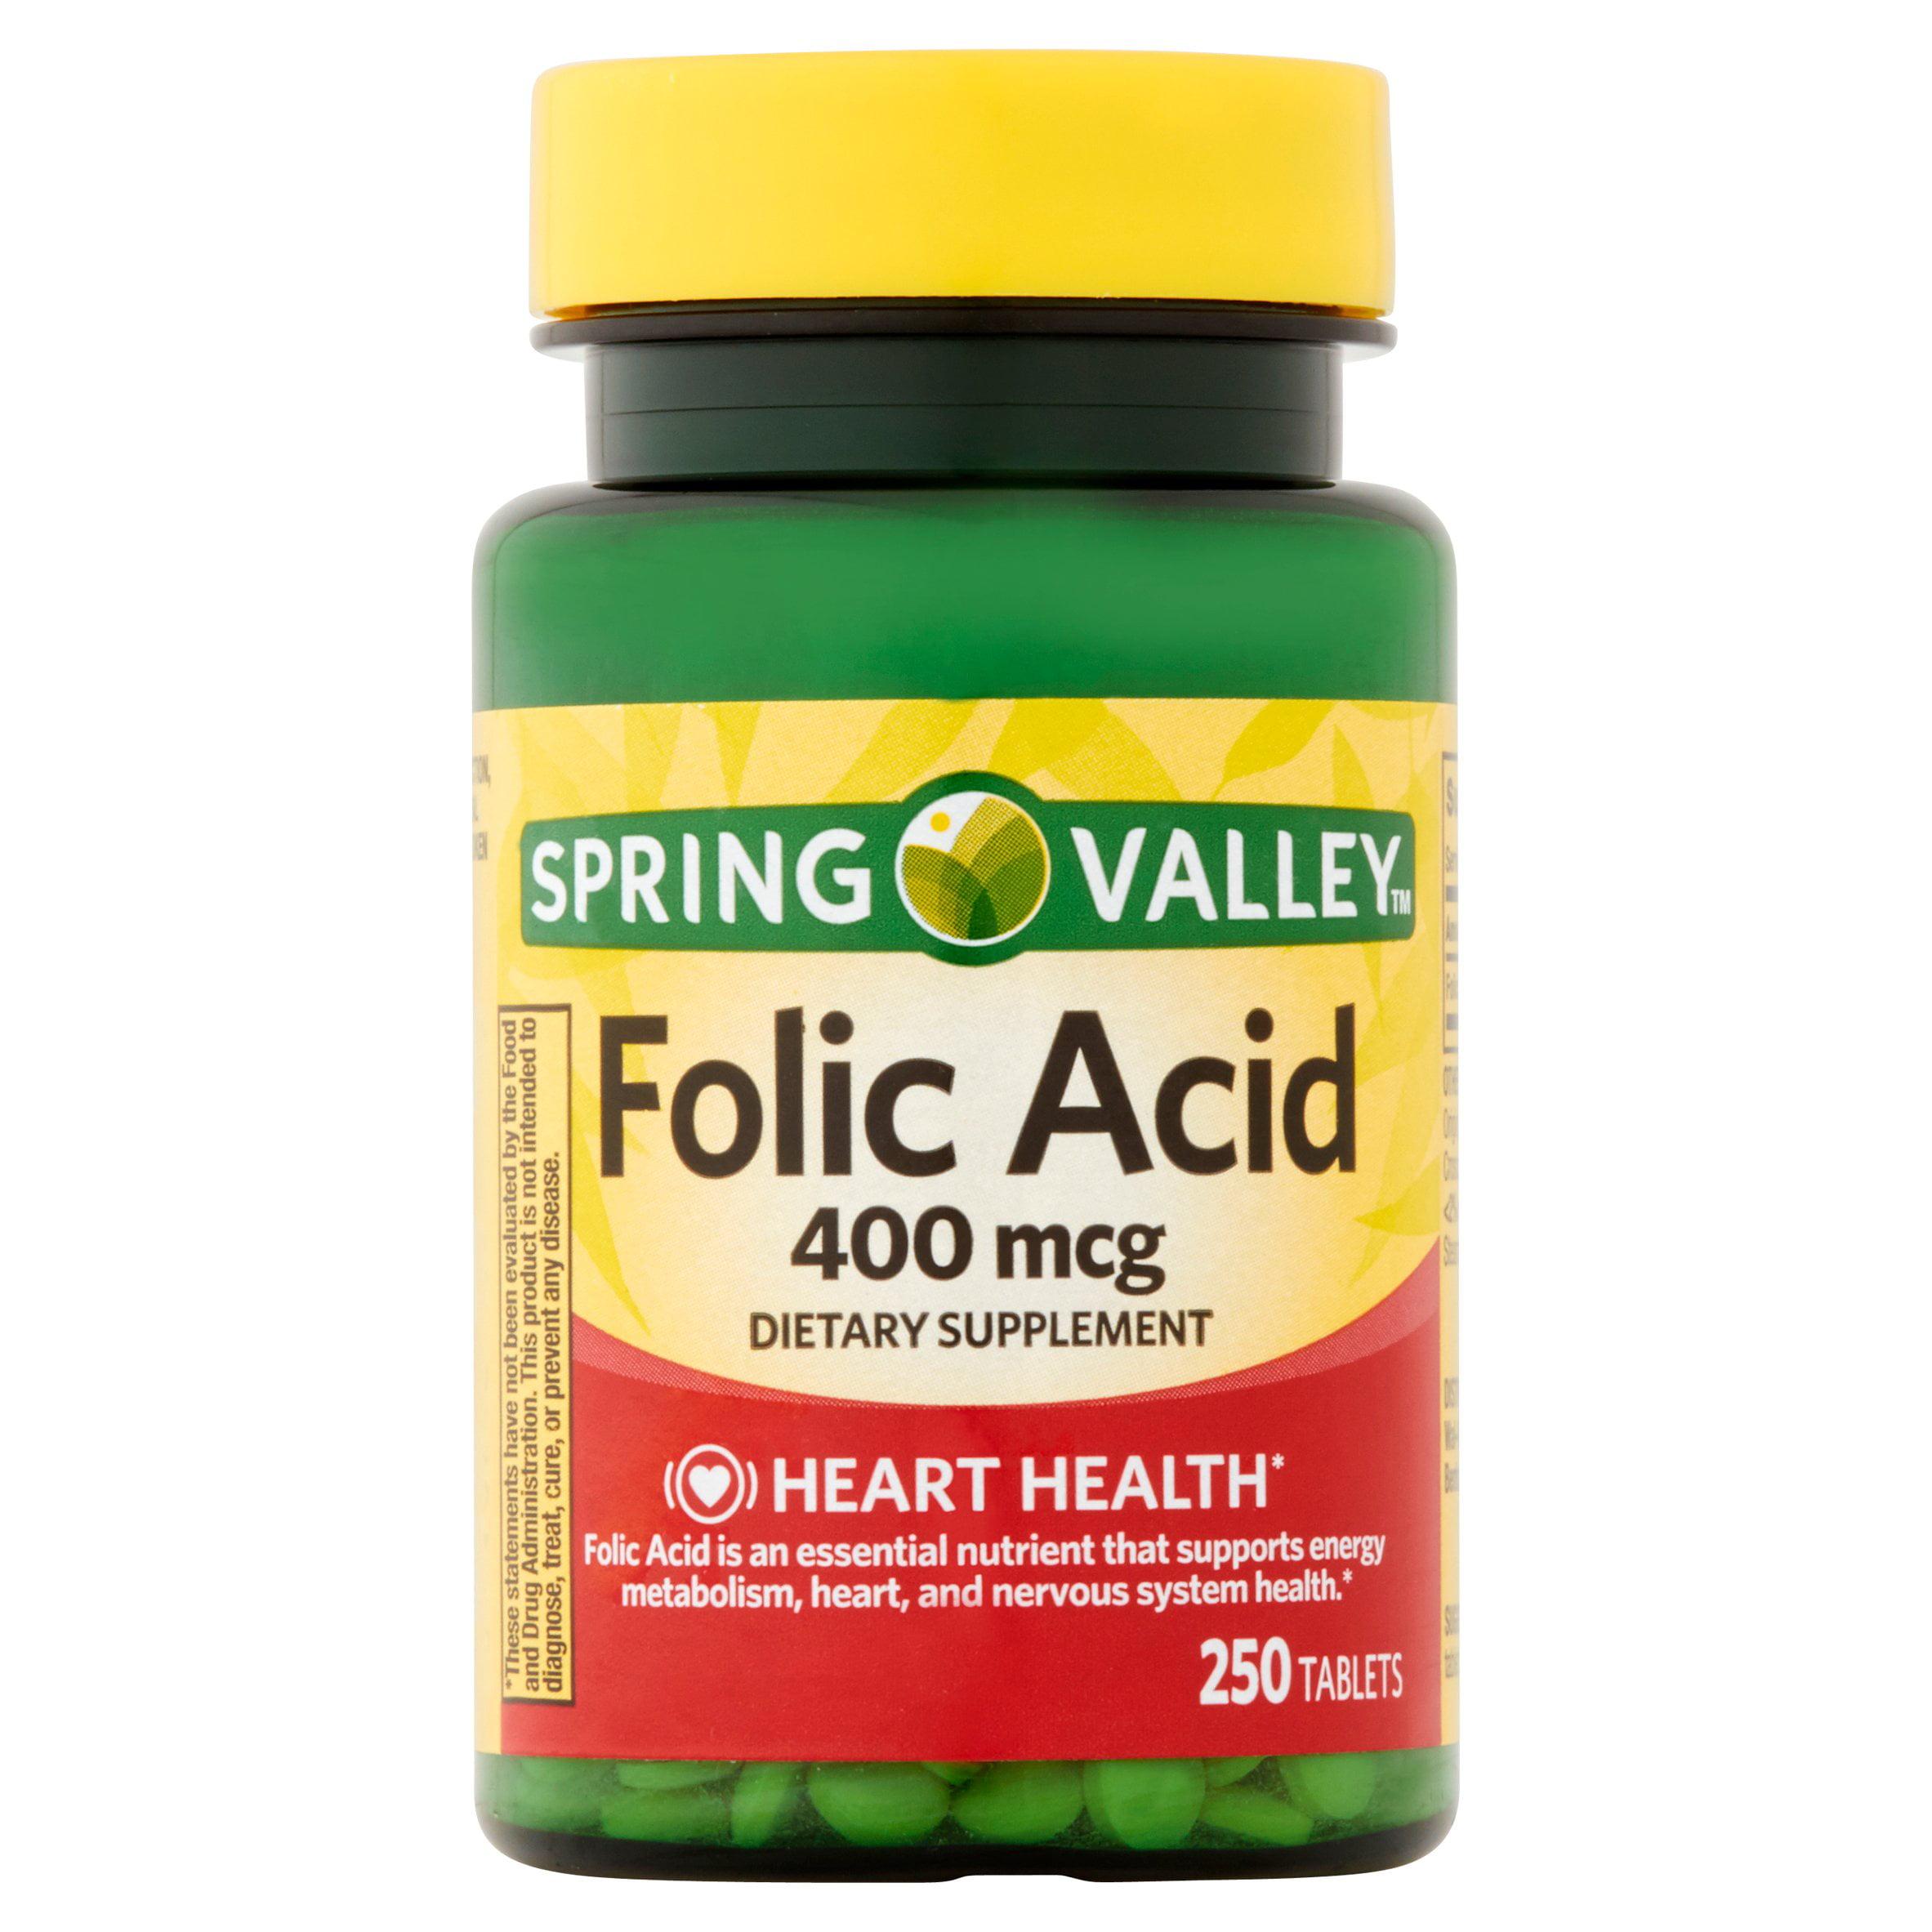 Spring Valley Folic Acid Tablets, 400 mcg, 250 Ct